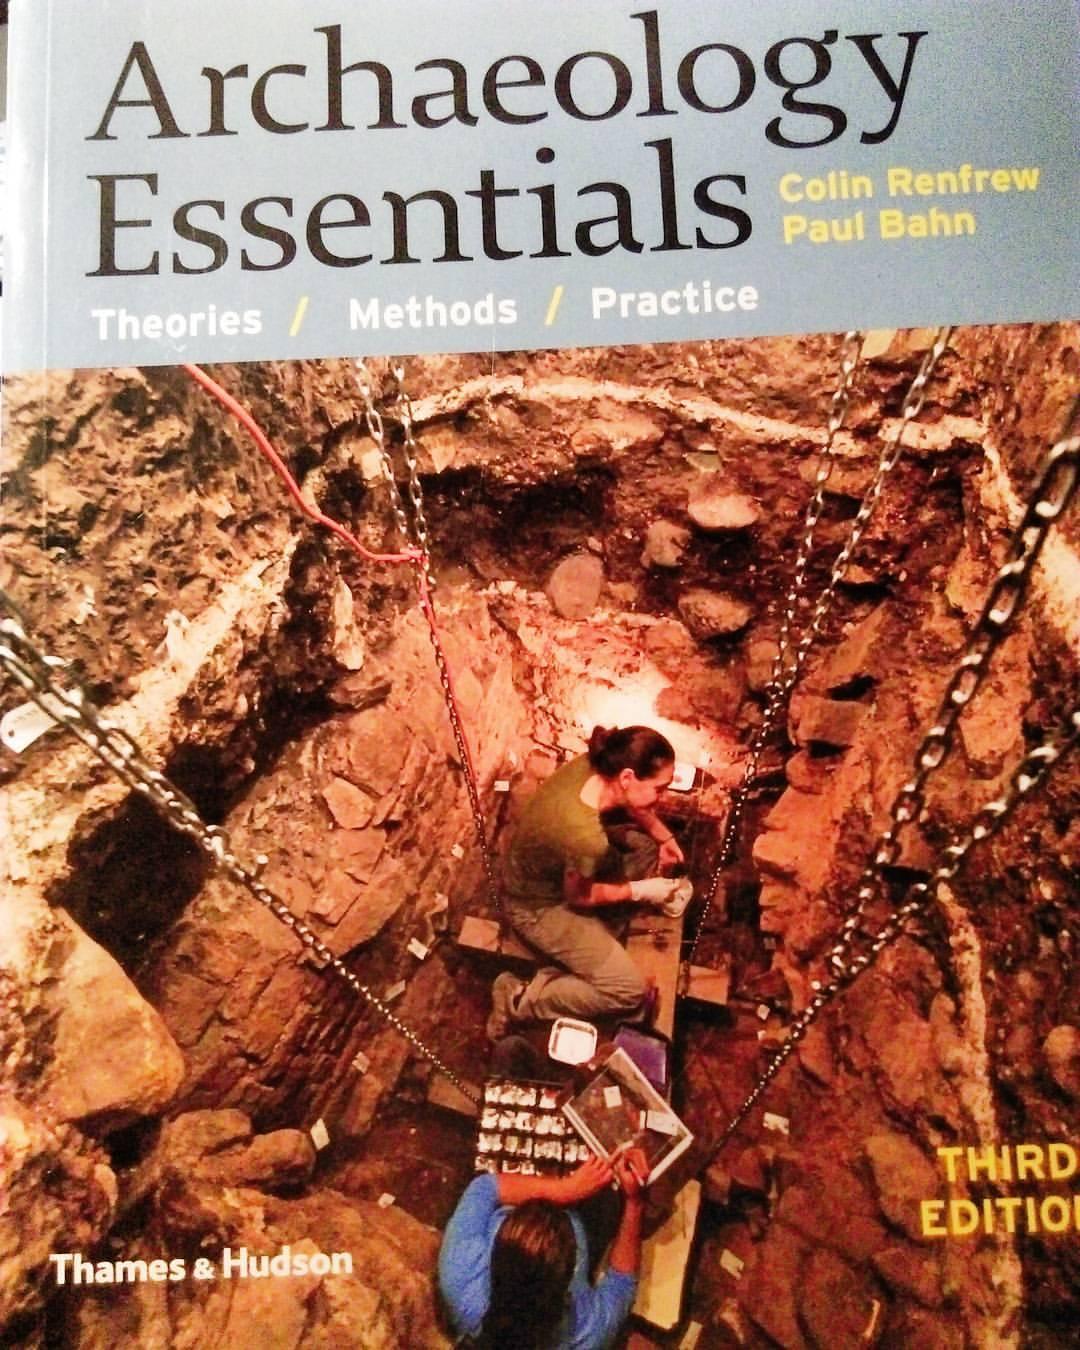 Mira lo que me ha llegado… Dicen que el mejor y más actualizado manual sobre #arqueología. Ahora sólo necesito que el día tenga unas 80 horas para leer todo lo que tengo pendiente. #readingissexy #books #bookstagram #librostagram #libros #archaeology #colinrenfrew